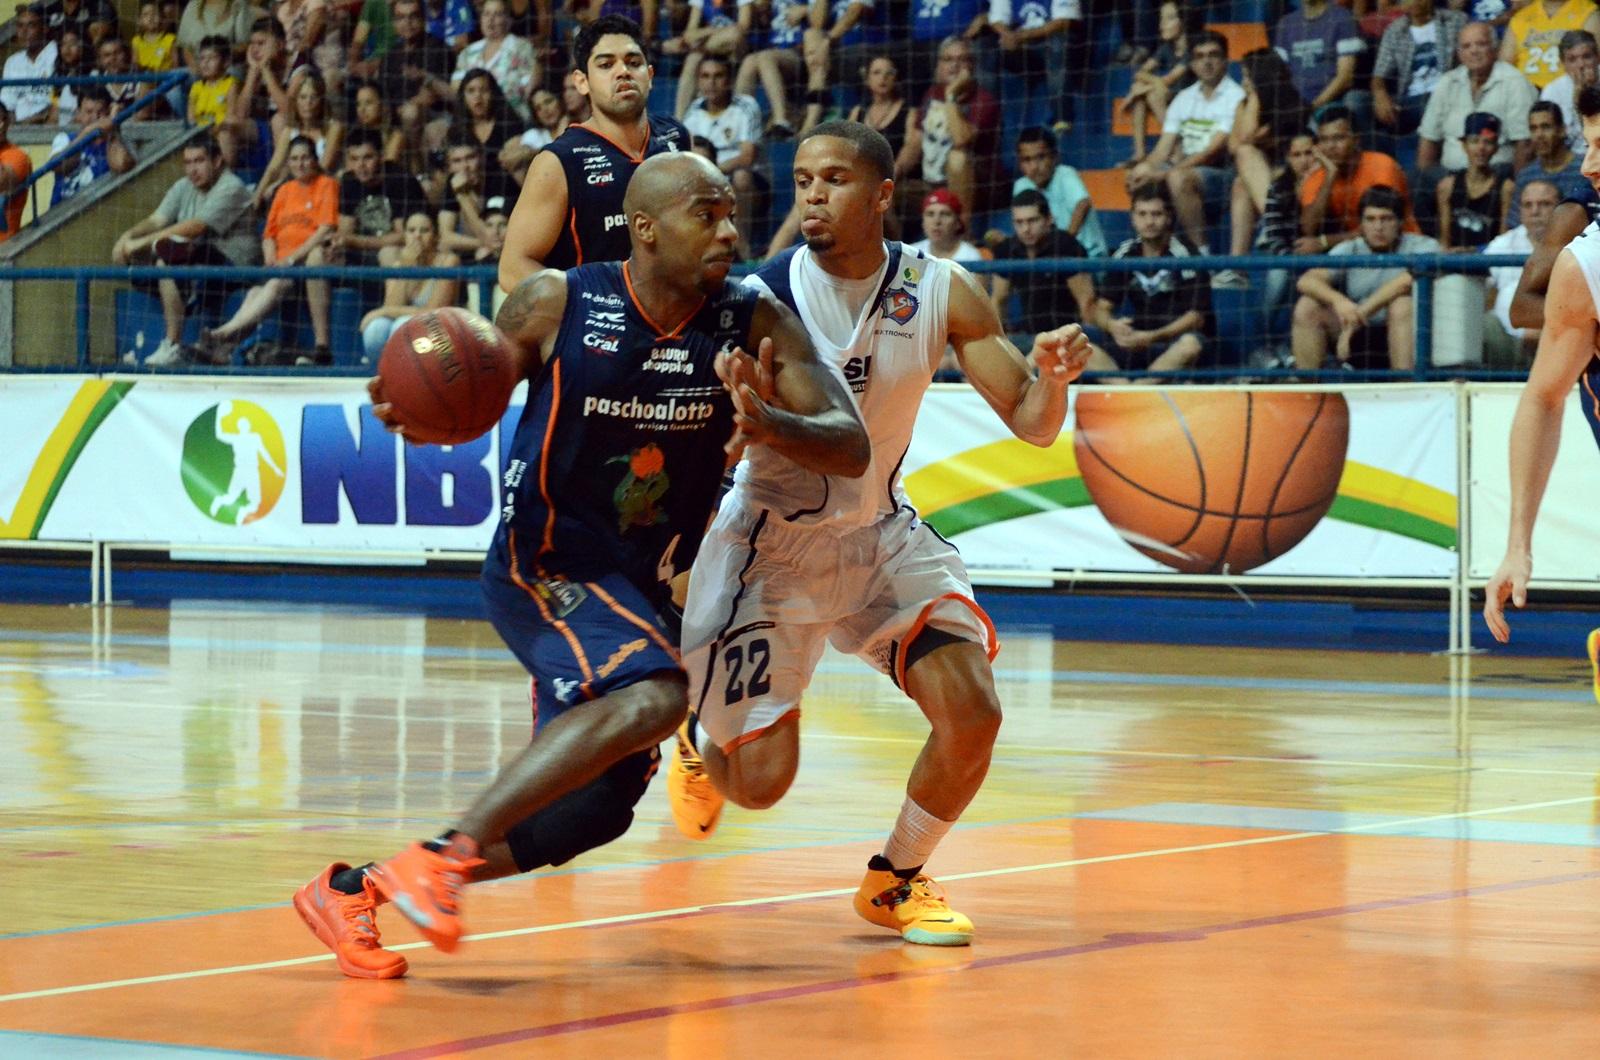 Finalista no Estadual e na Liga Sul-Americana, o Bauru venceu a primeira no NBB (Caio Casagrande/Divulgação)